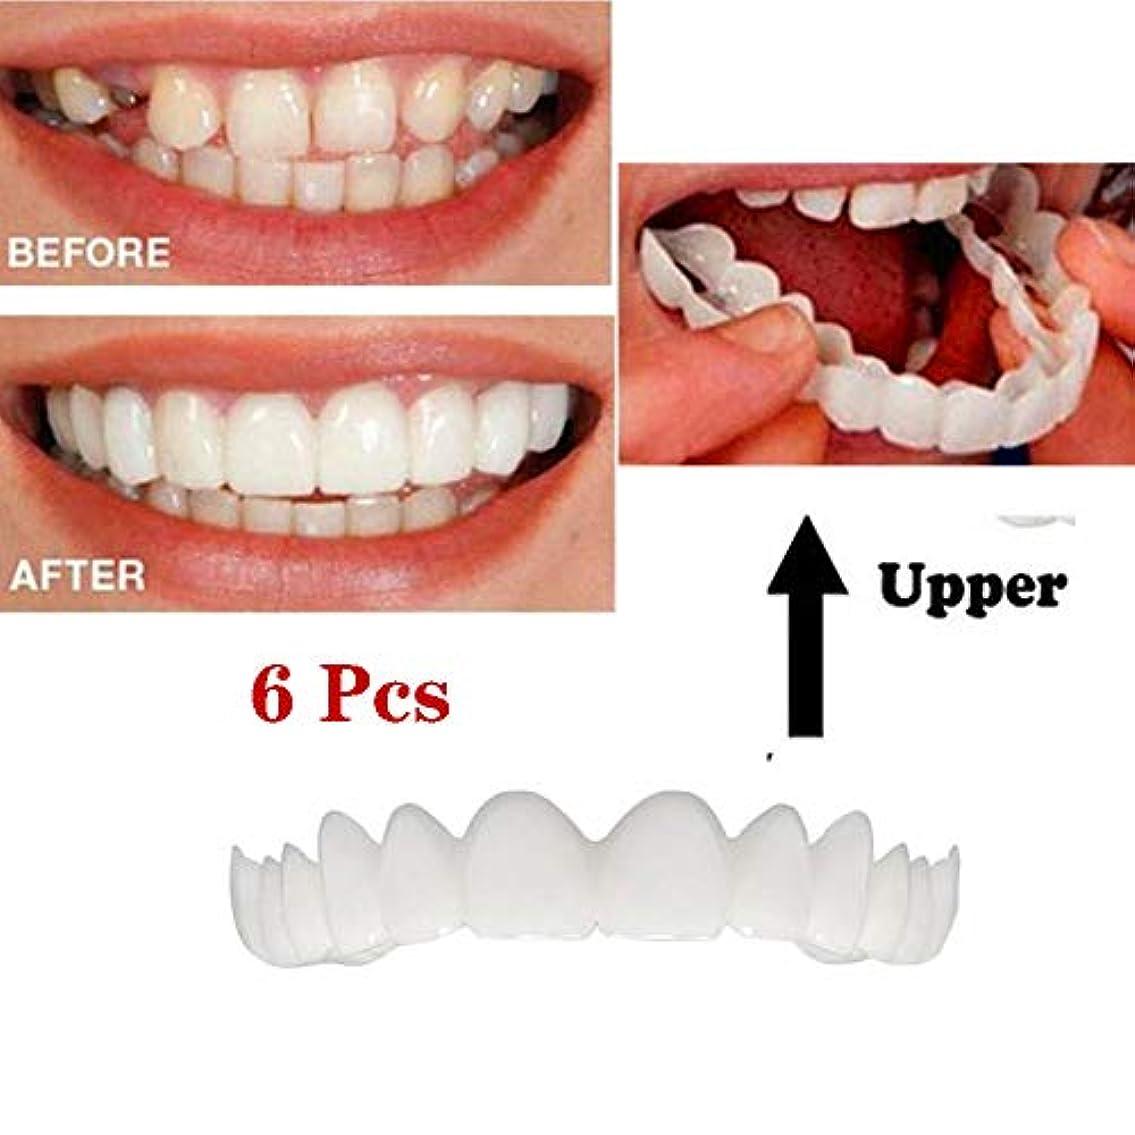 しなやかオーナー学校の先生義歯口腔ケア歯ホワイトニング義歯口腔ケアアッパーブレース一時的な化粧品歯義歯 - 6本